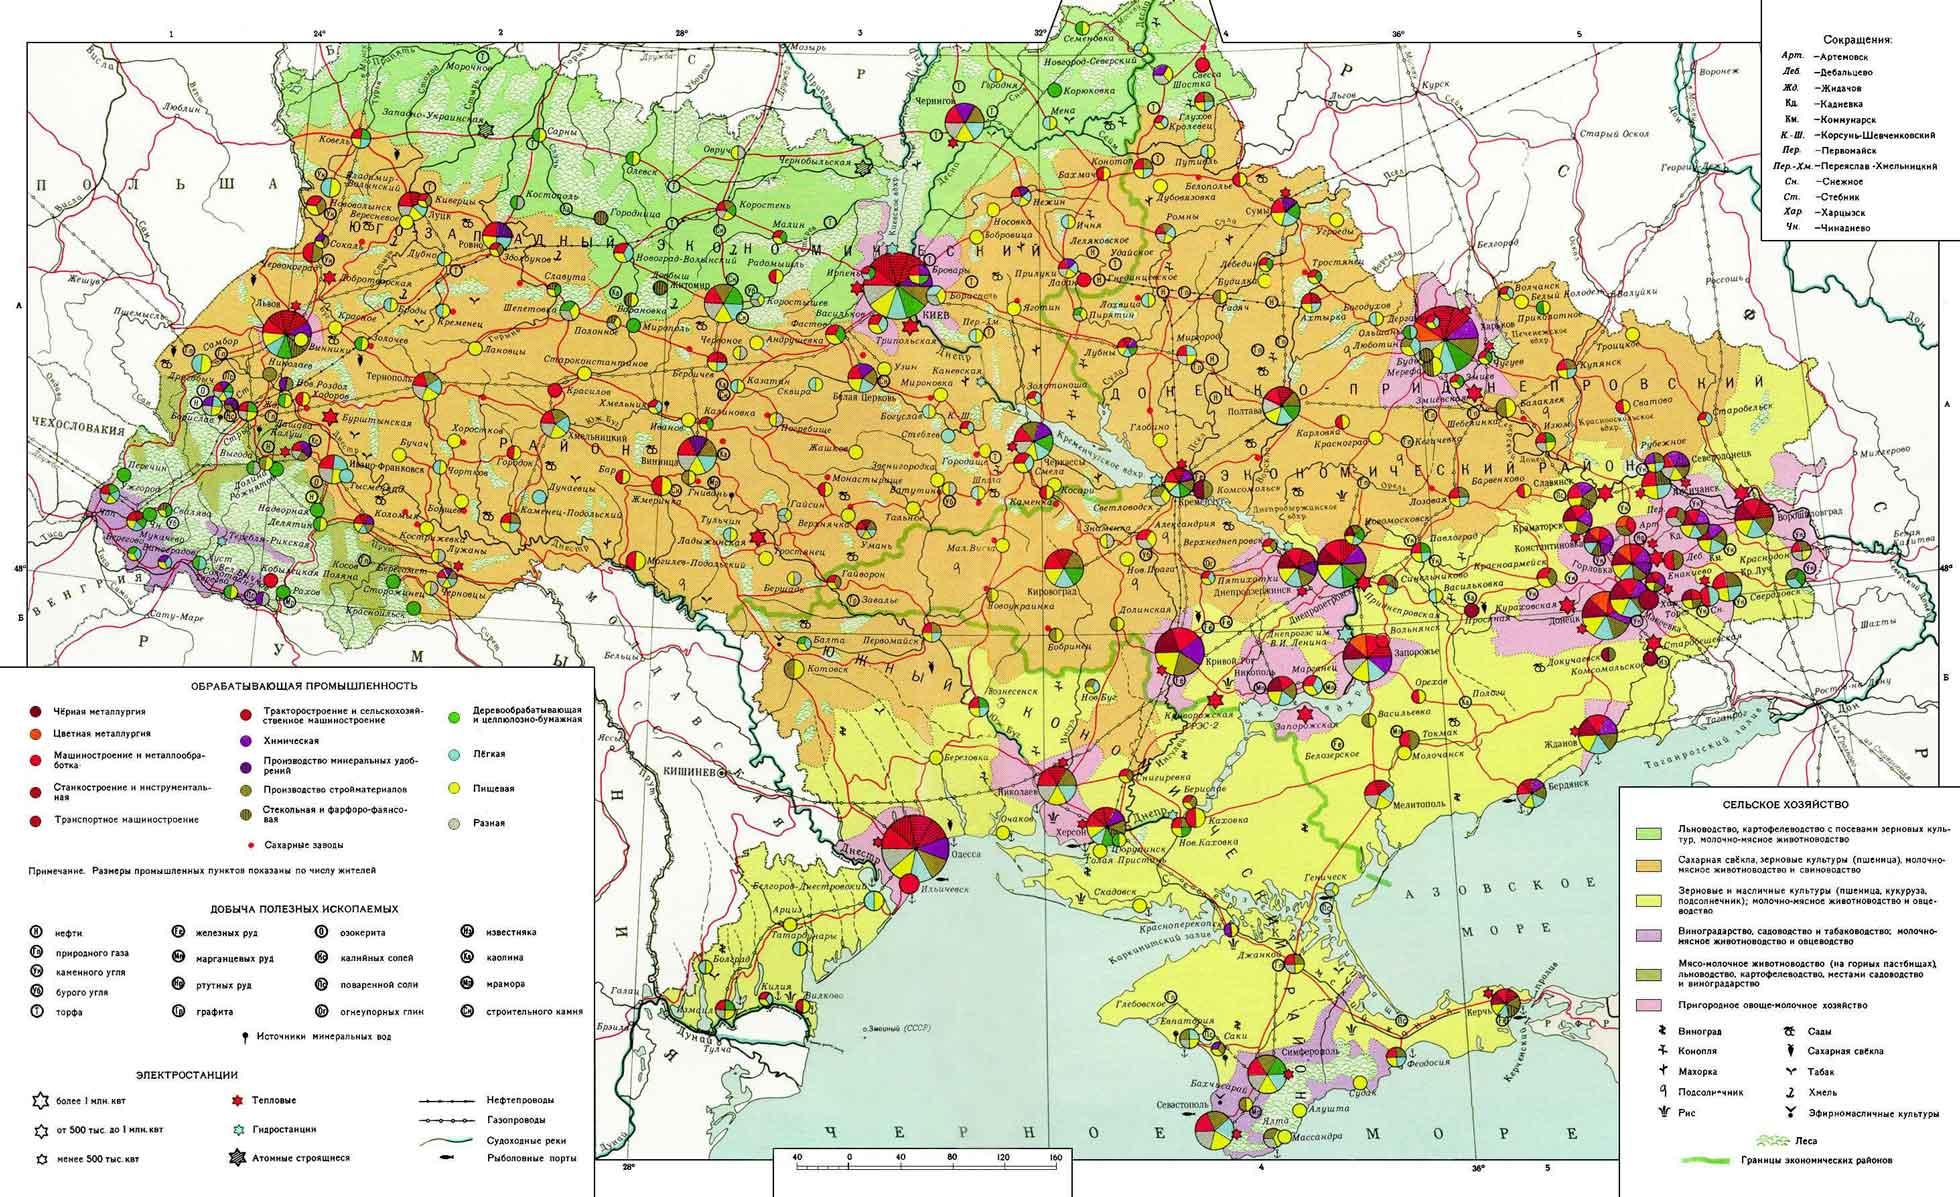 запасов полезных ископаемых Украины Карта запасов полезных ископаемых Украины